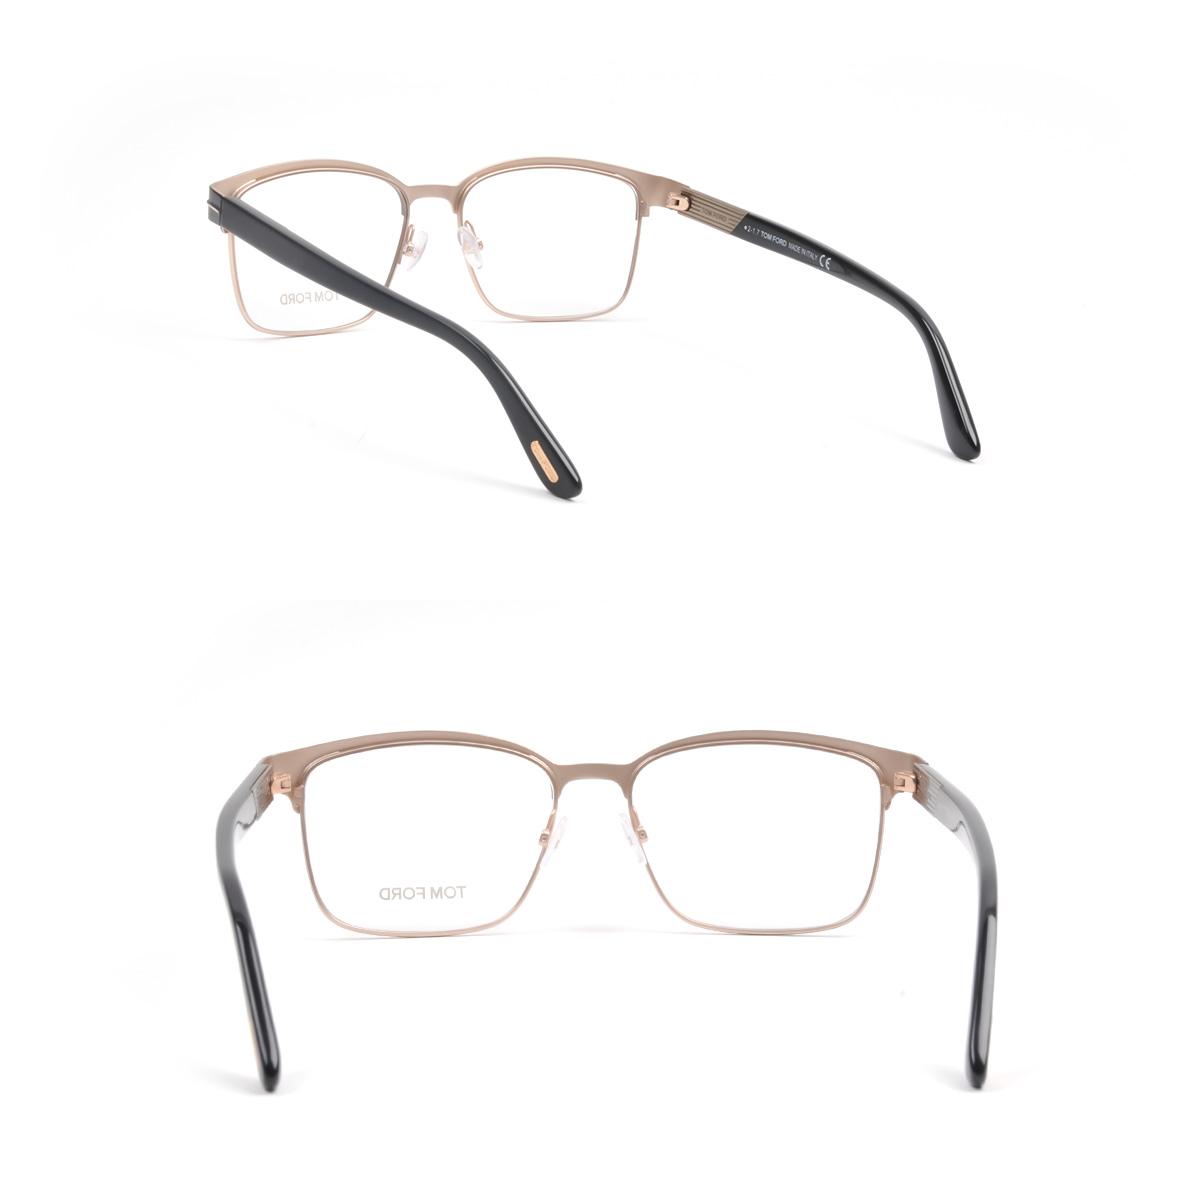 7d3ec4eb2683 Tom Ford glasses frame FT5323 002 54 size TOM FORD FT5323-002 54 size  glasses glasses Lady s men